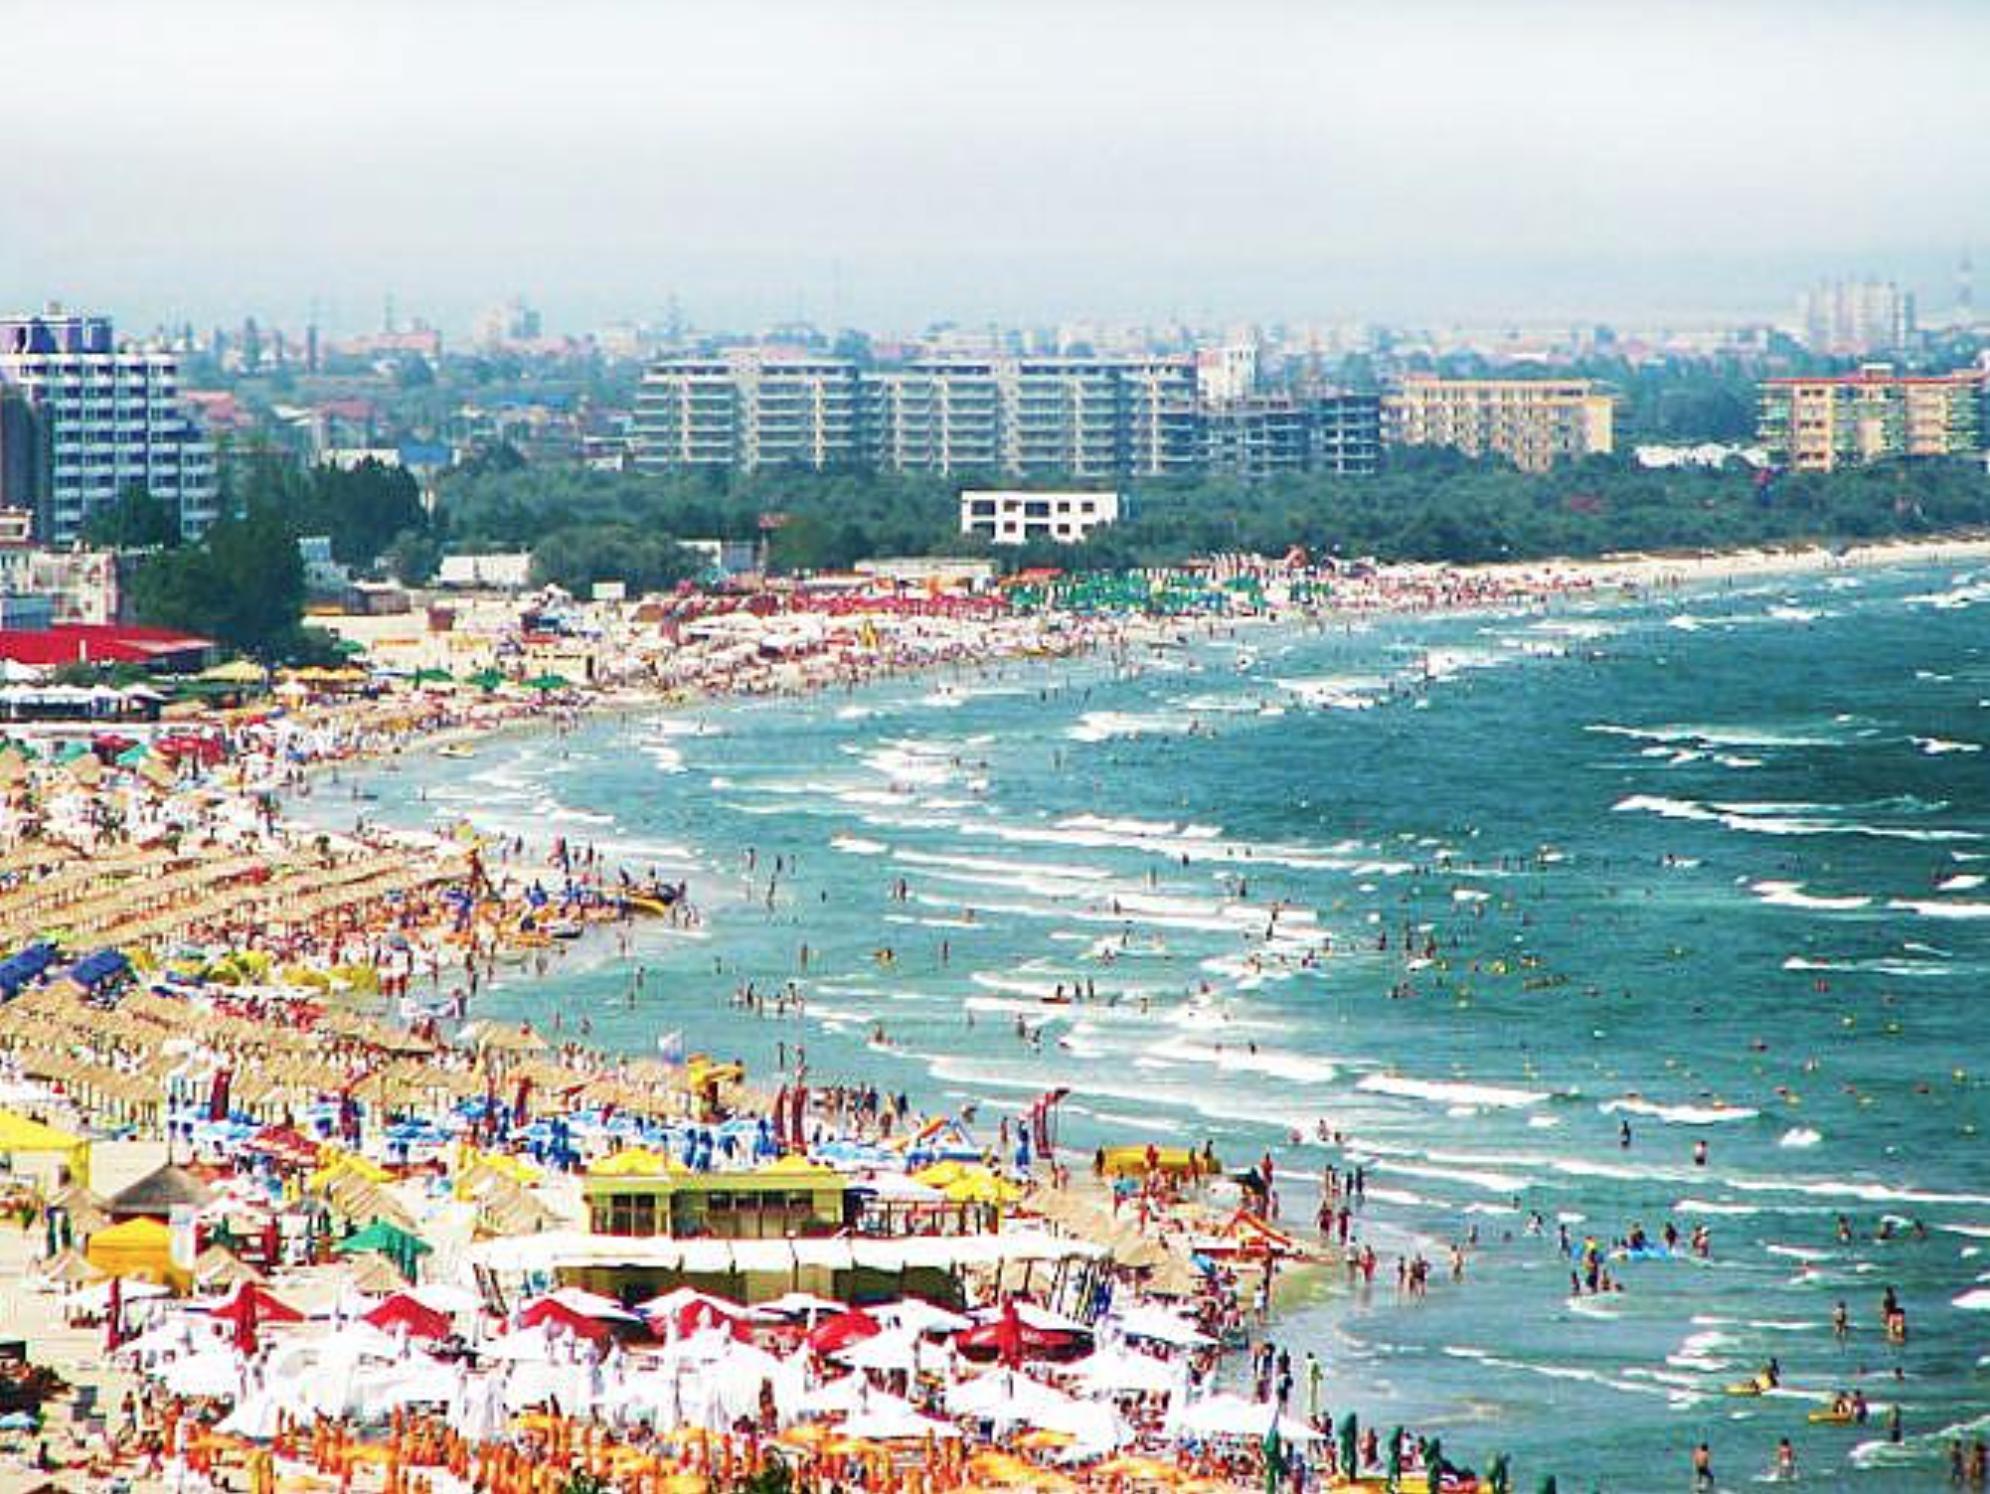 Cel mai aglomerat weekend de anul acesta pe litoral